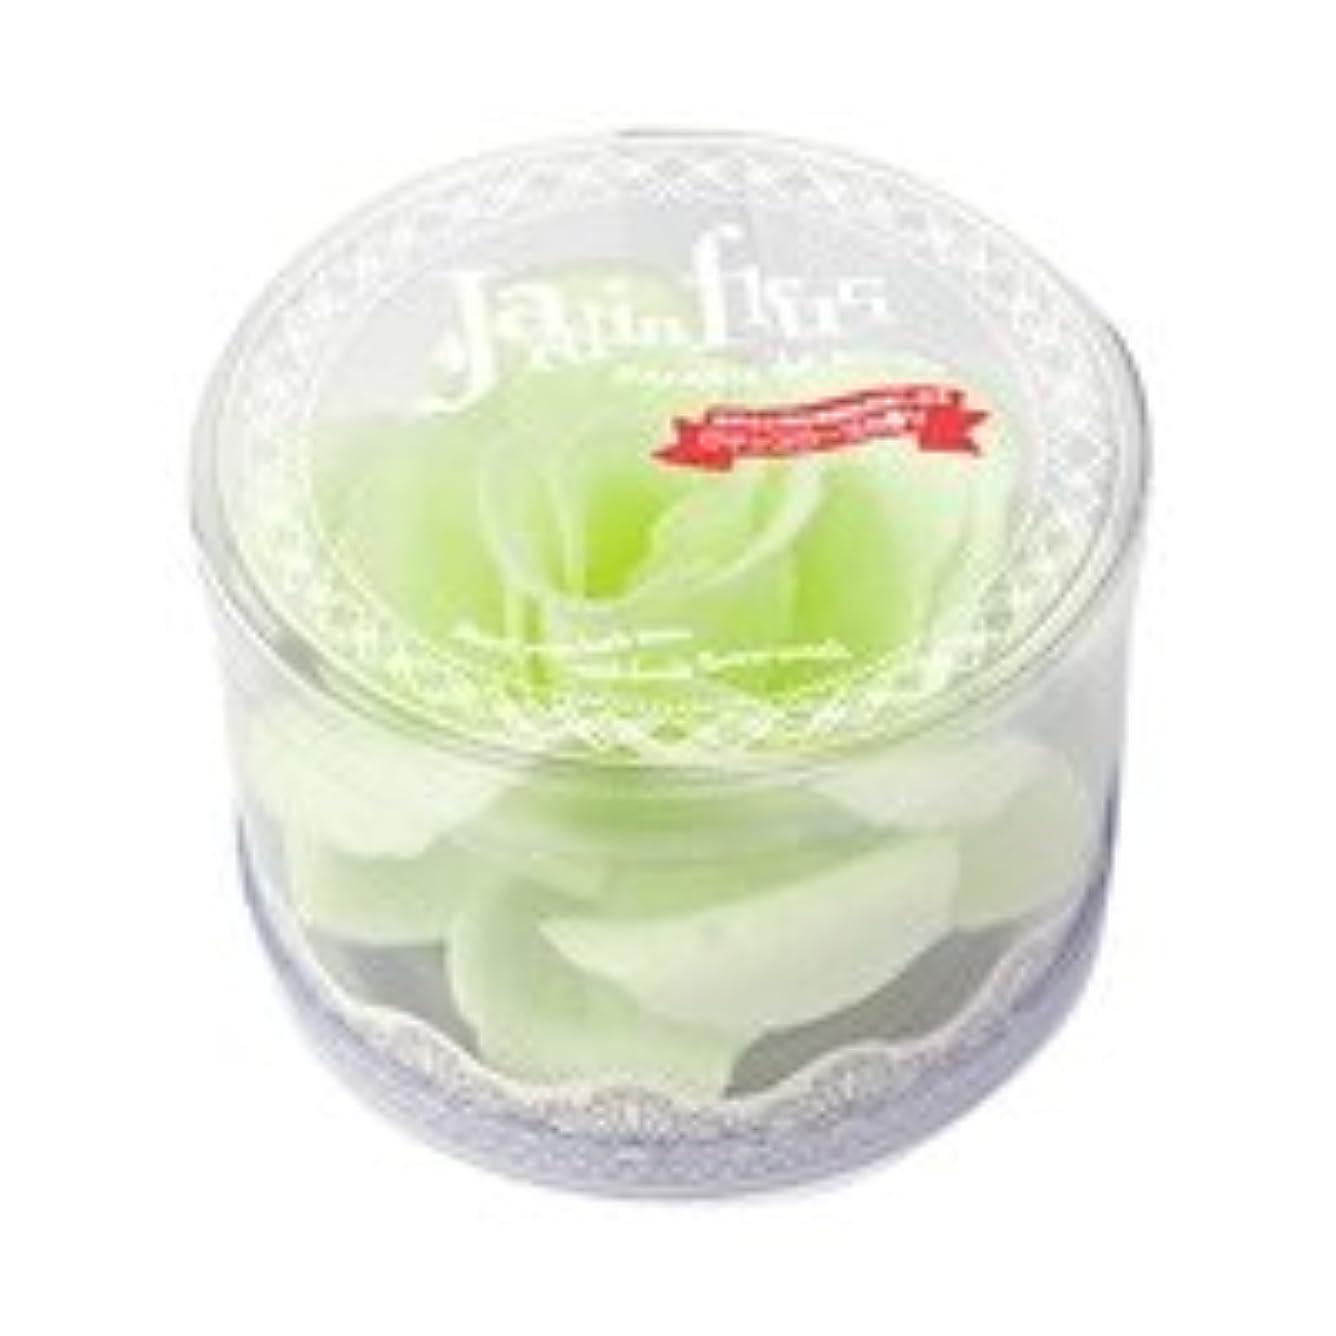 プレーヤー咽頭払い戻しジャンダンフルリ バスペタル ボックス「ペール グリーン」6個セット ロマンスローズの香り